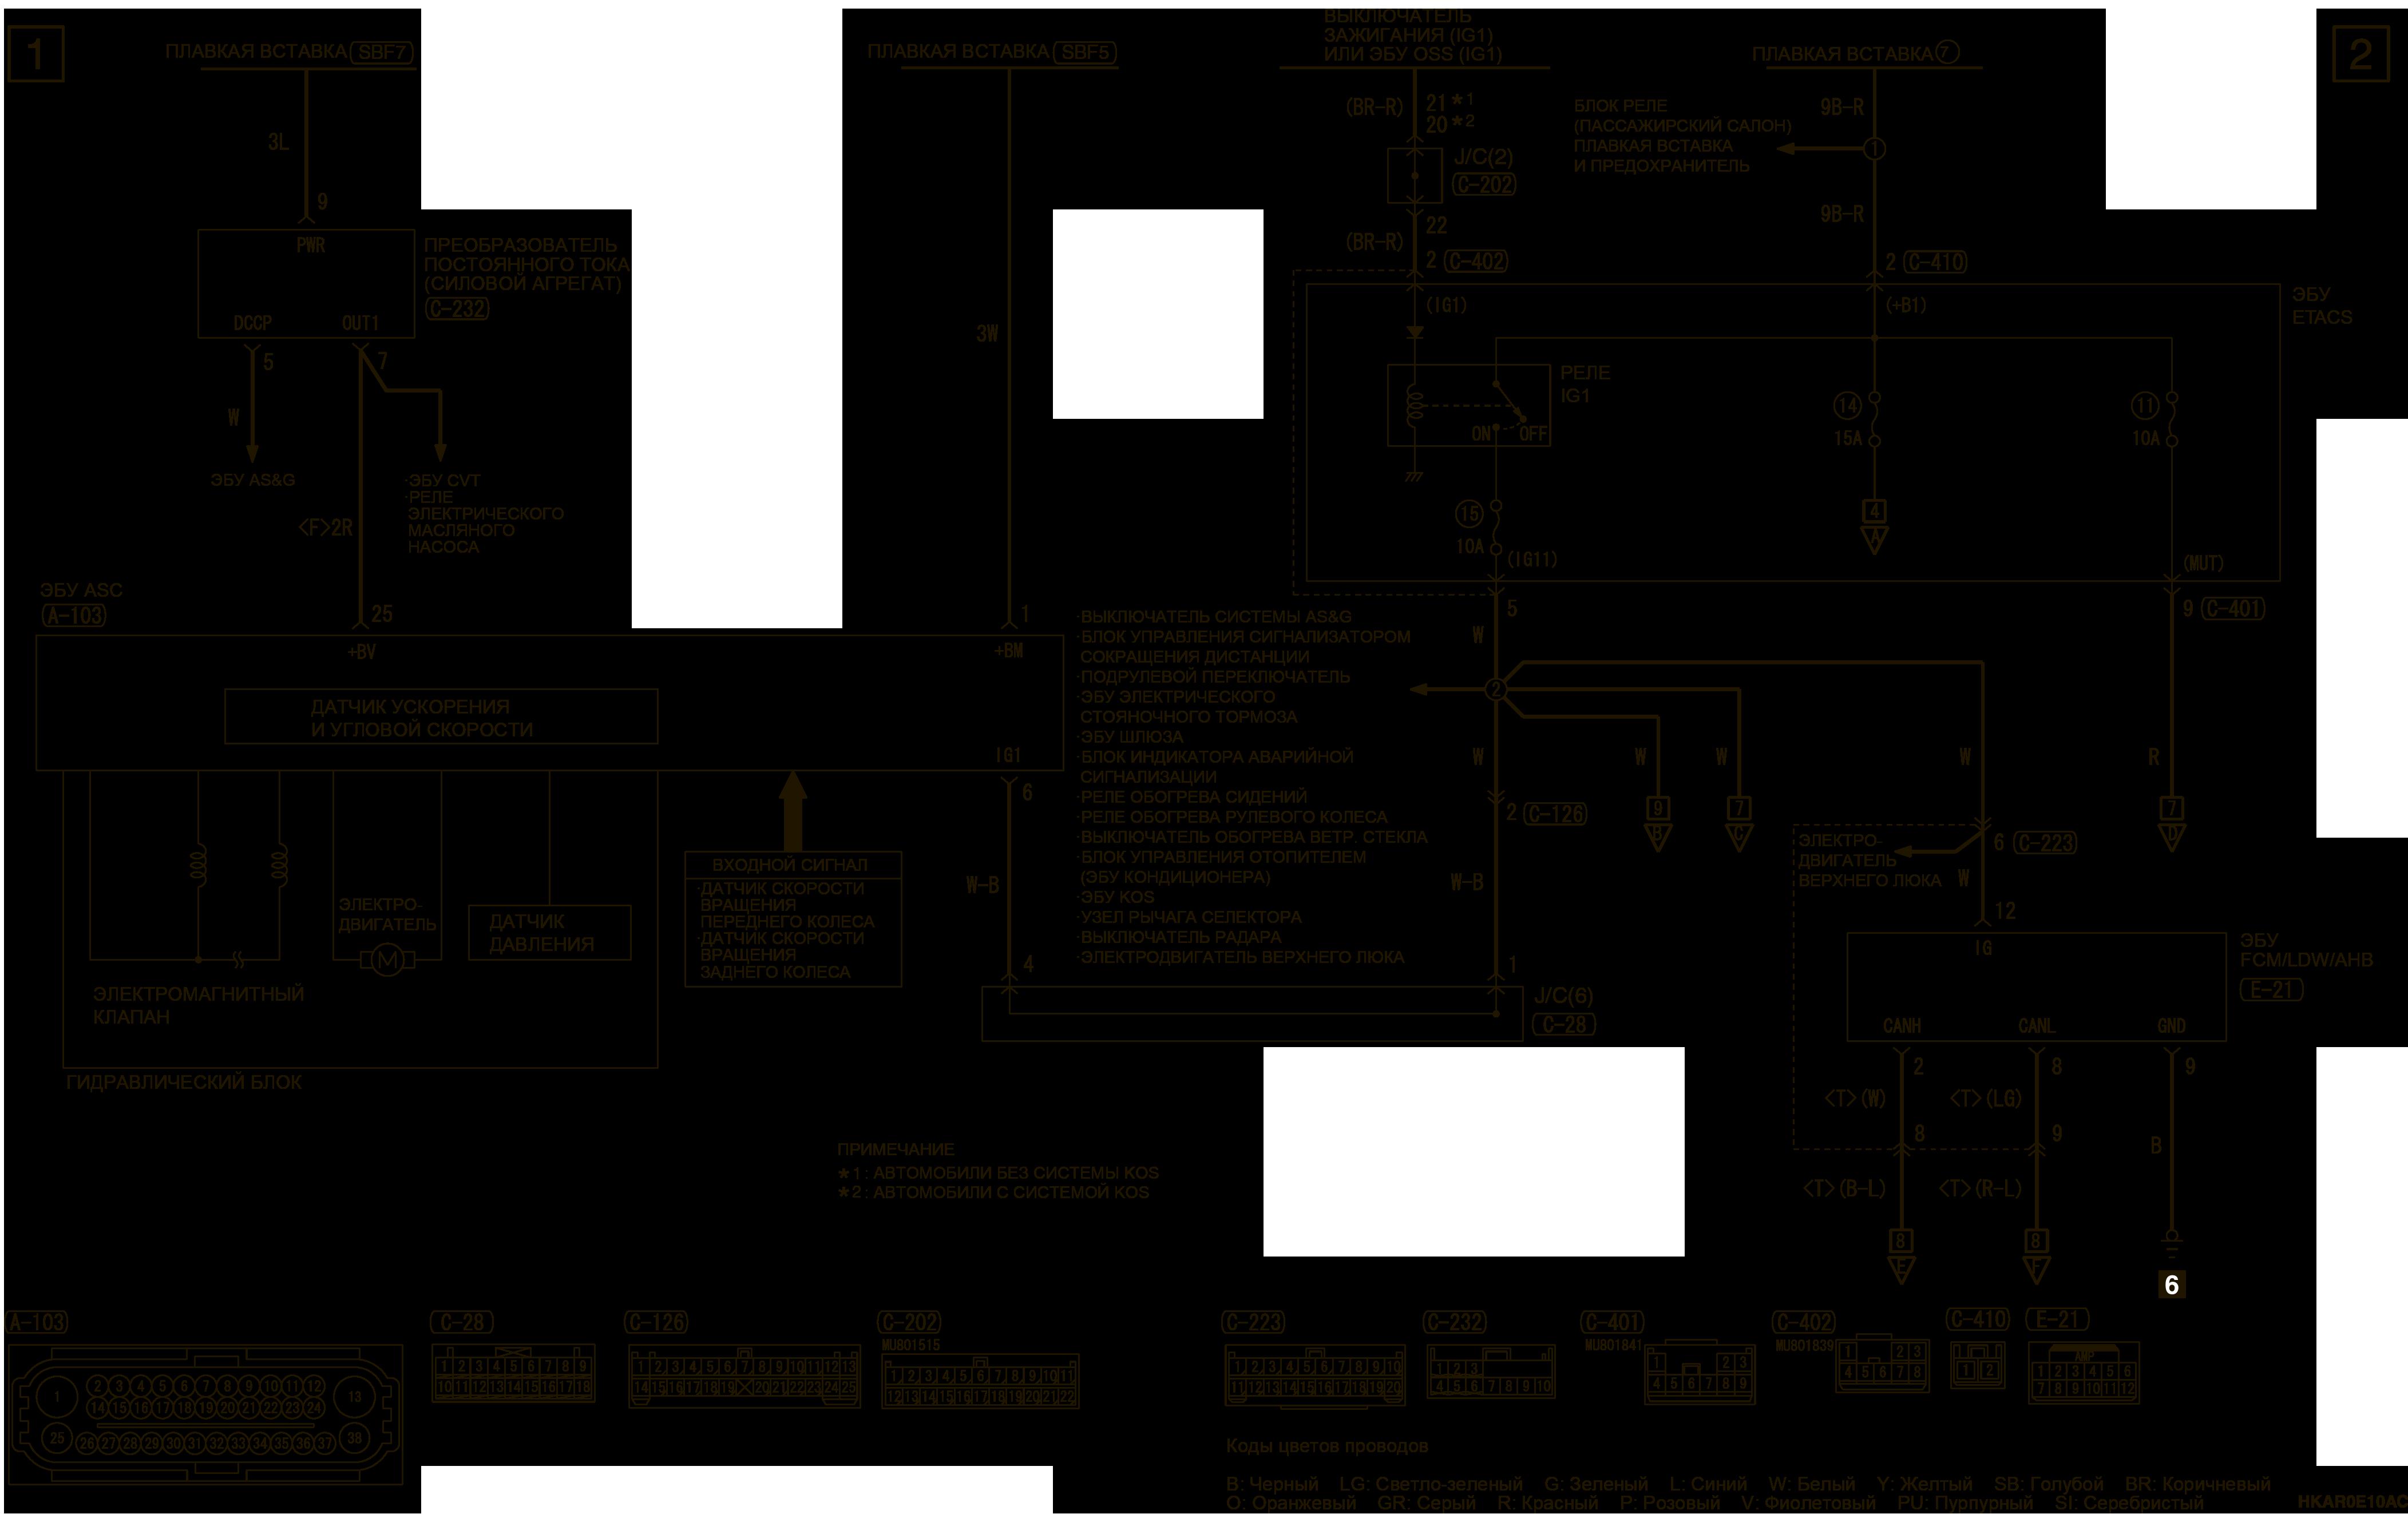 mmc аутлендер 3 2019 электросхемаСИСТЕМА ПРЕДОТВРАЩЕНИЯ ФРОНТАЛЬНОГО СТОЛКНОВЕНИЯ (FCM) ПРАВОСТОРОННЕЕ УПРАВЛЕНИЕ